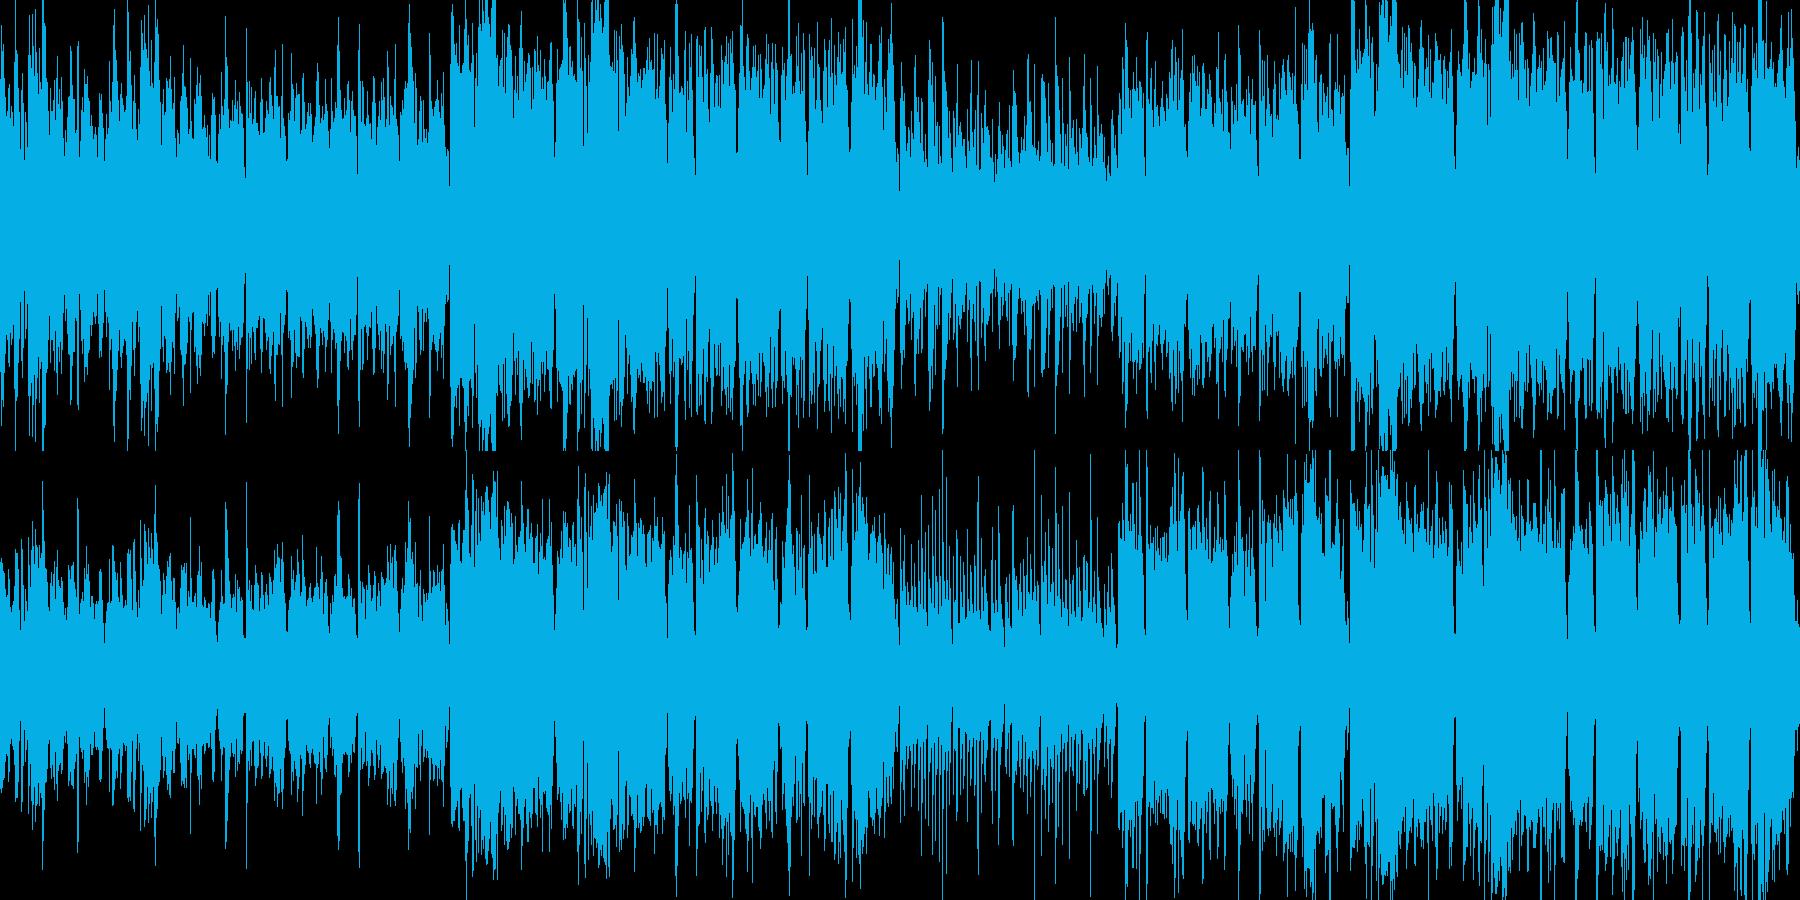 ループ:軽快なアイリッシュ伝統音楽風の再生済みの波形